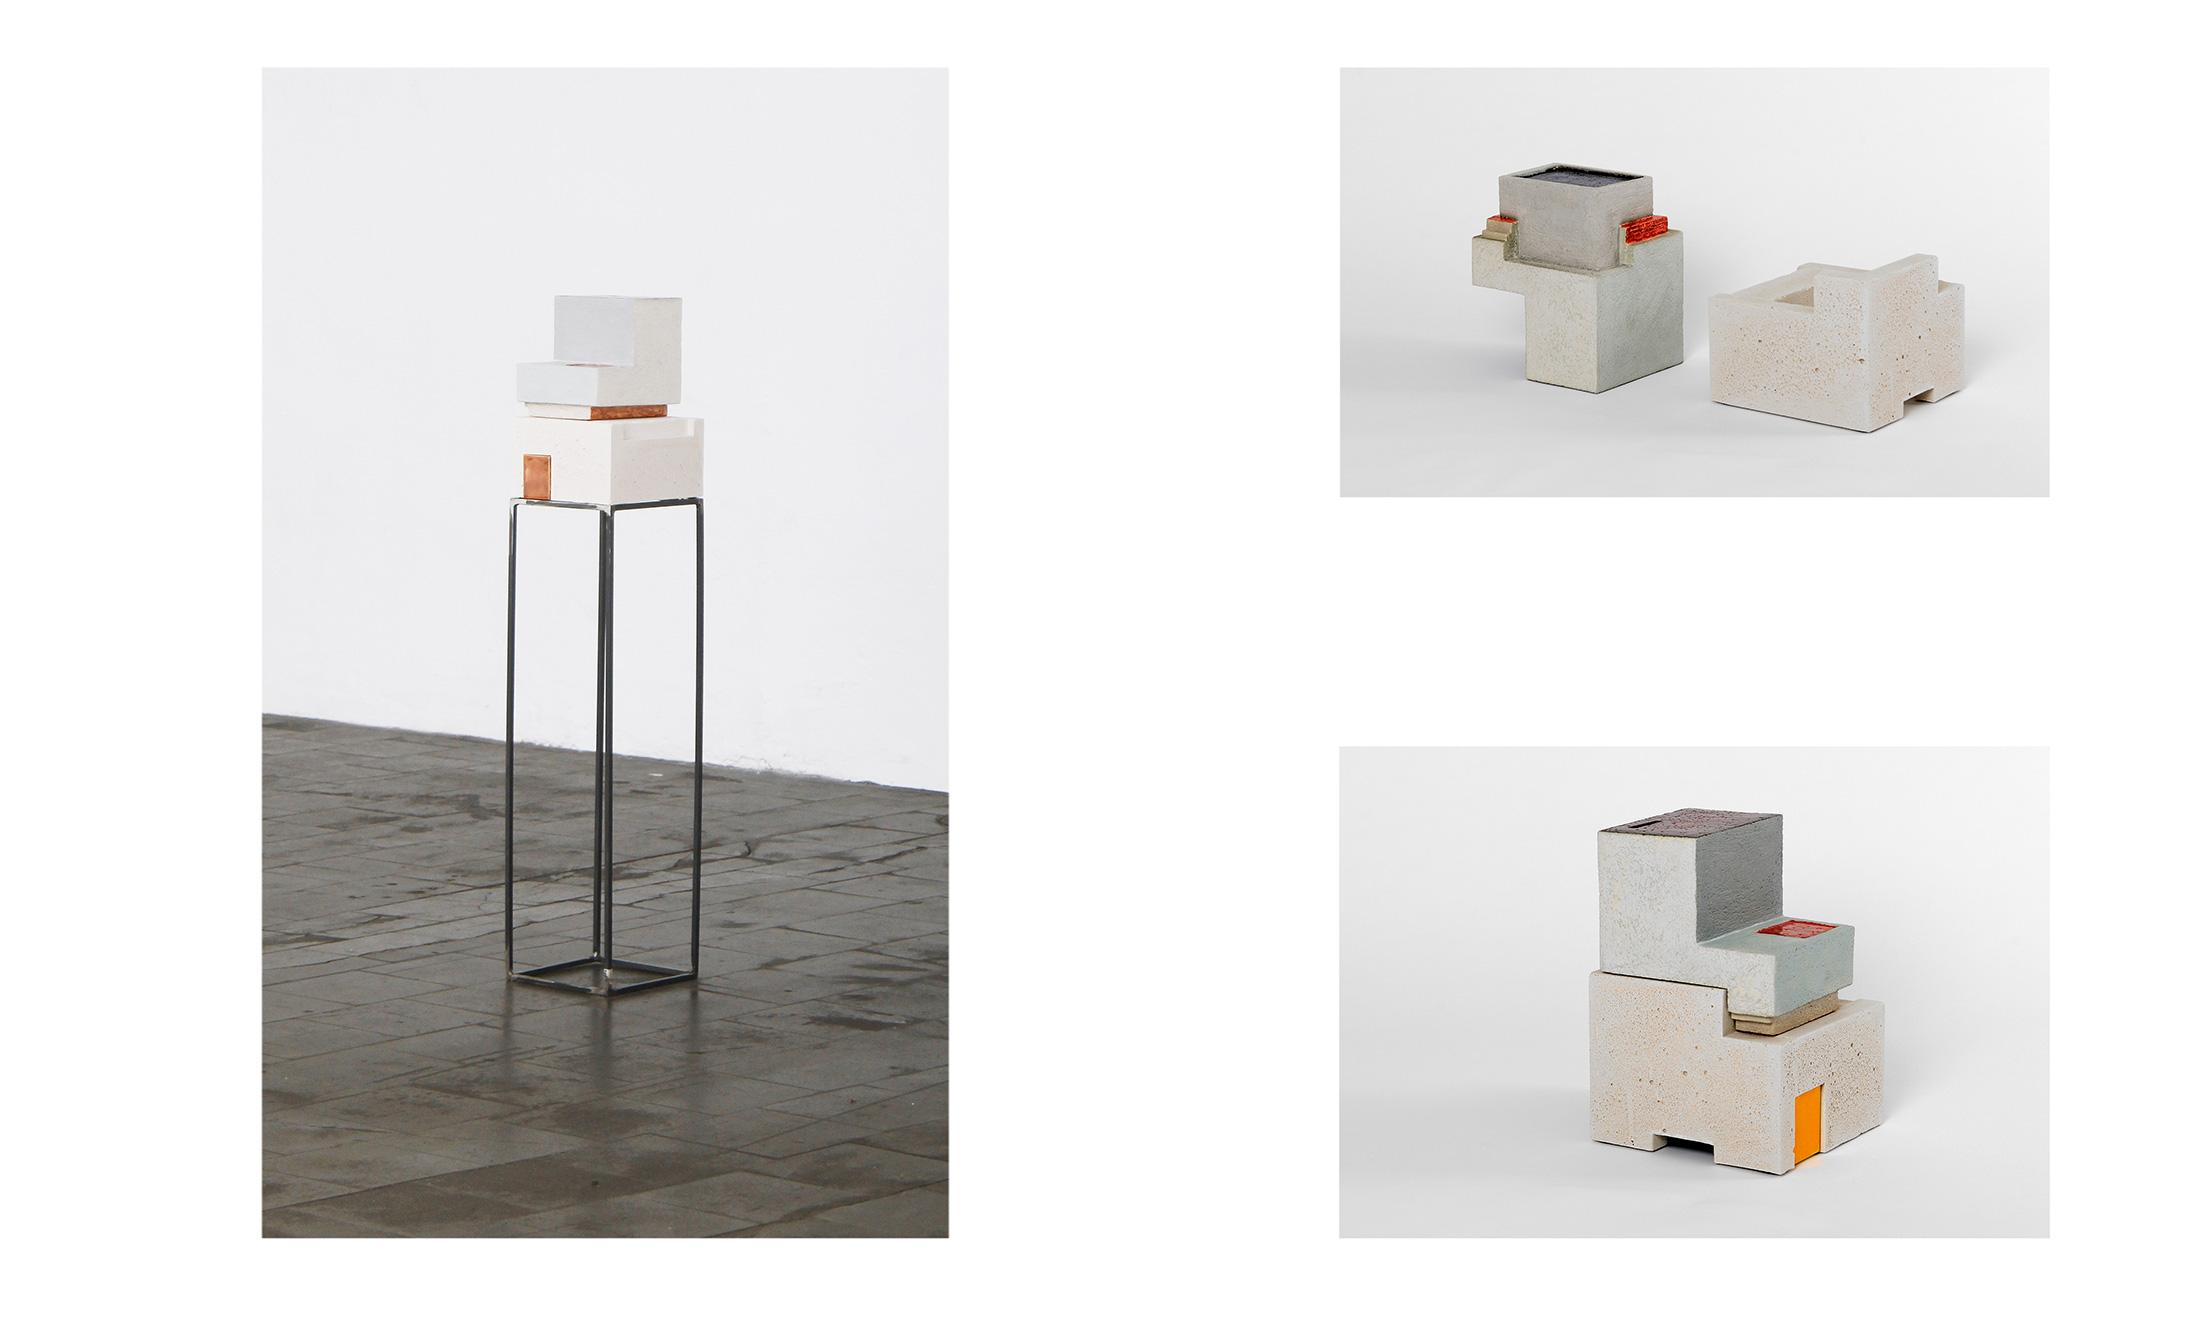 Zwei III | 2013 | Steinzeug, Beton | 24 x 24 x 50 cm